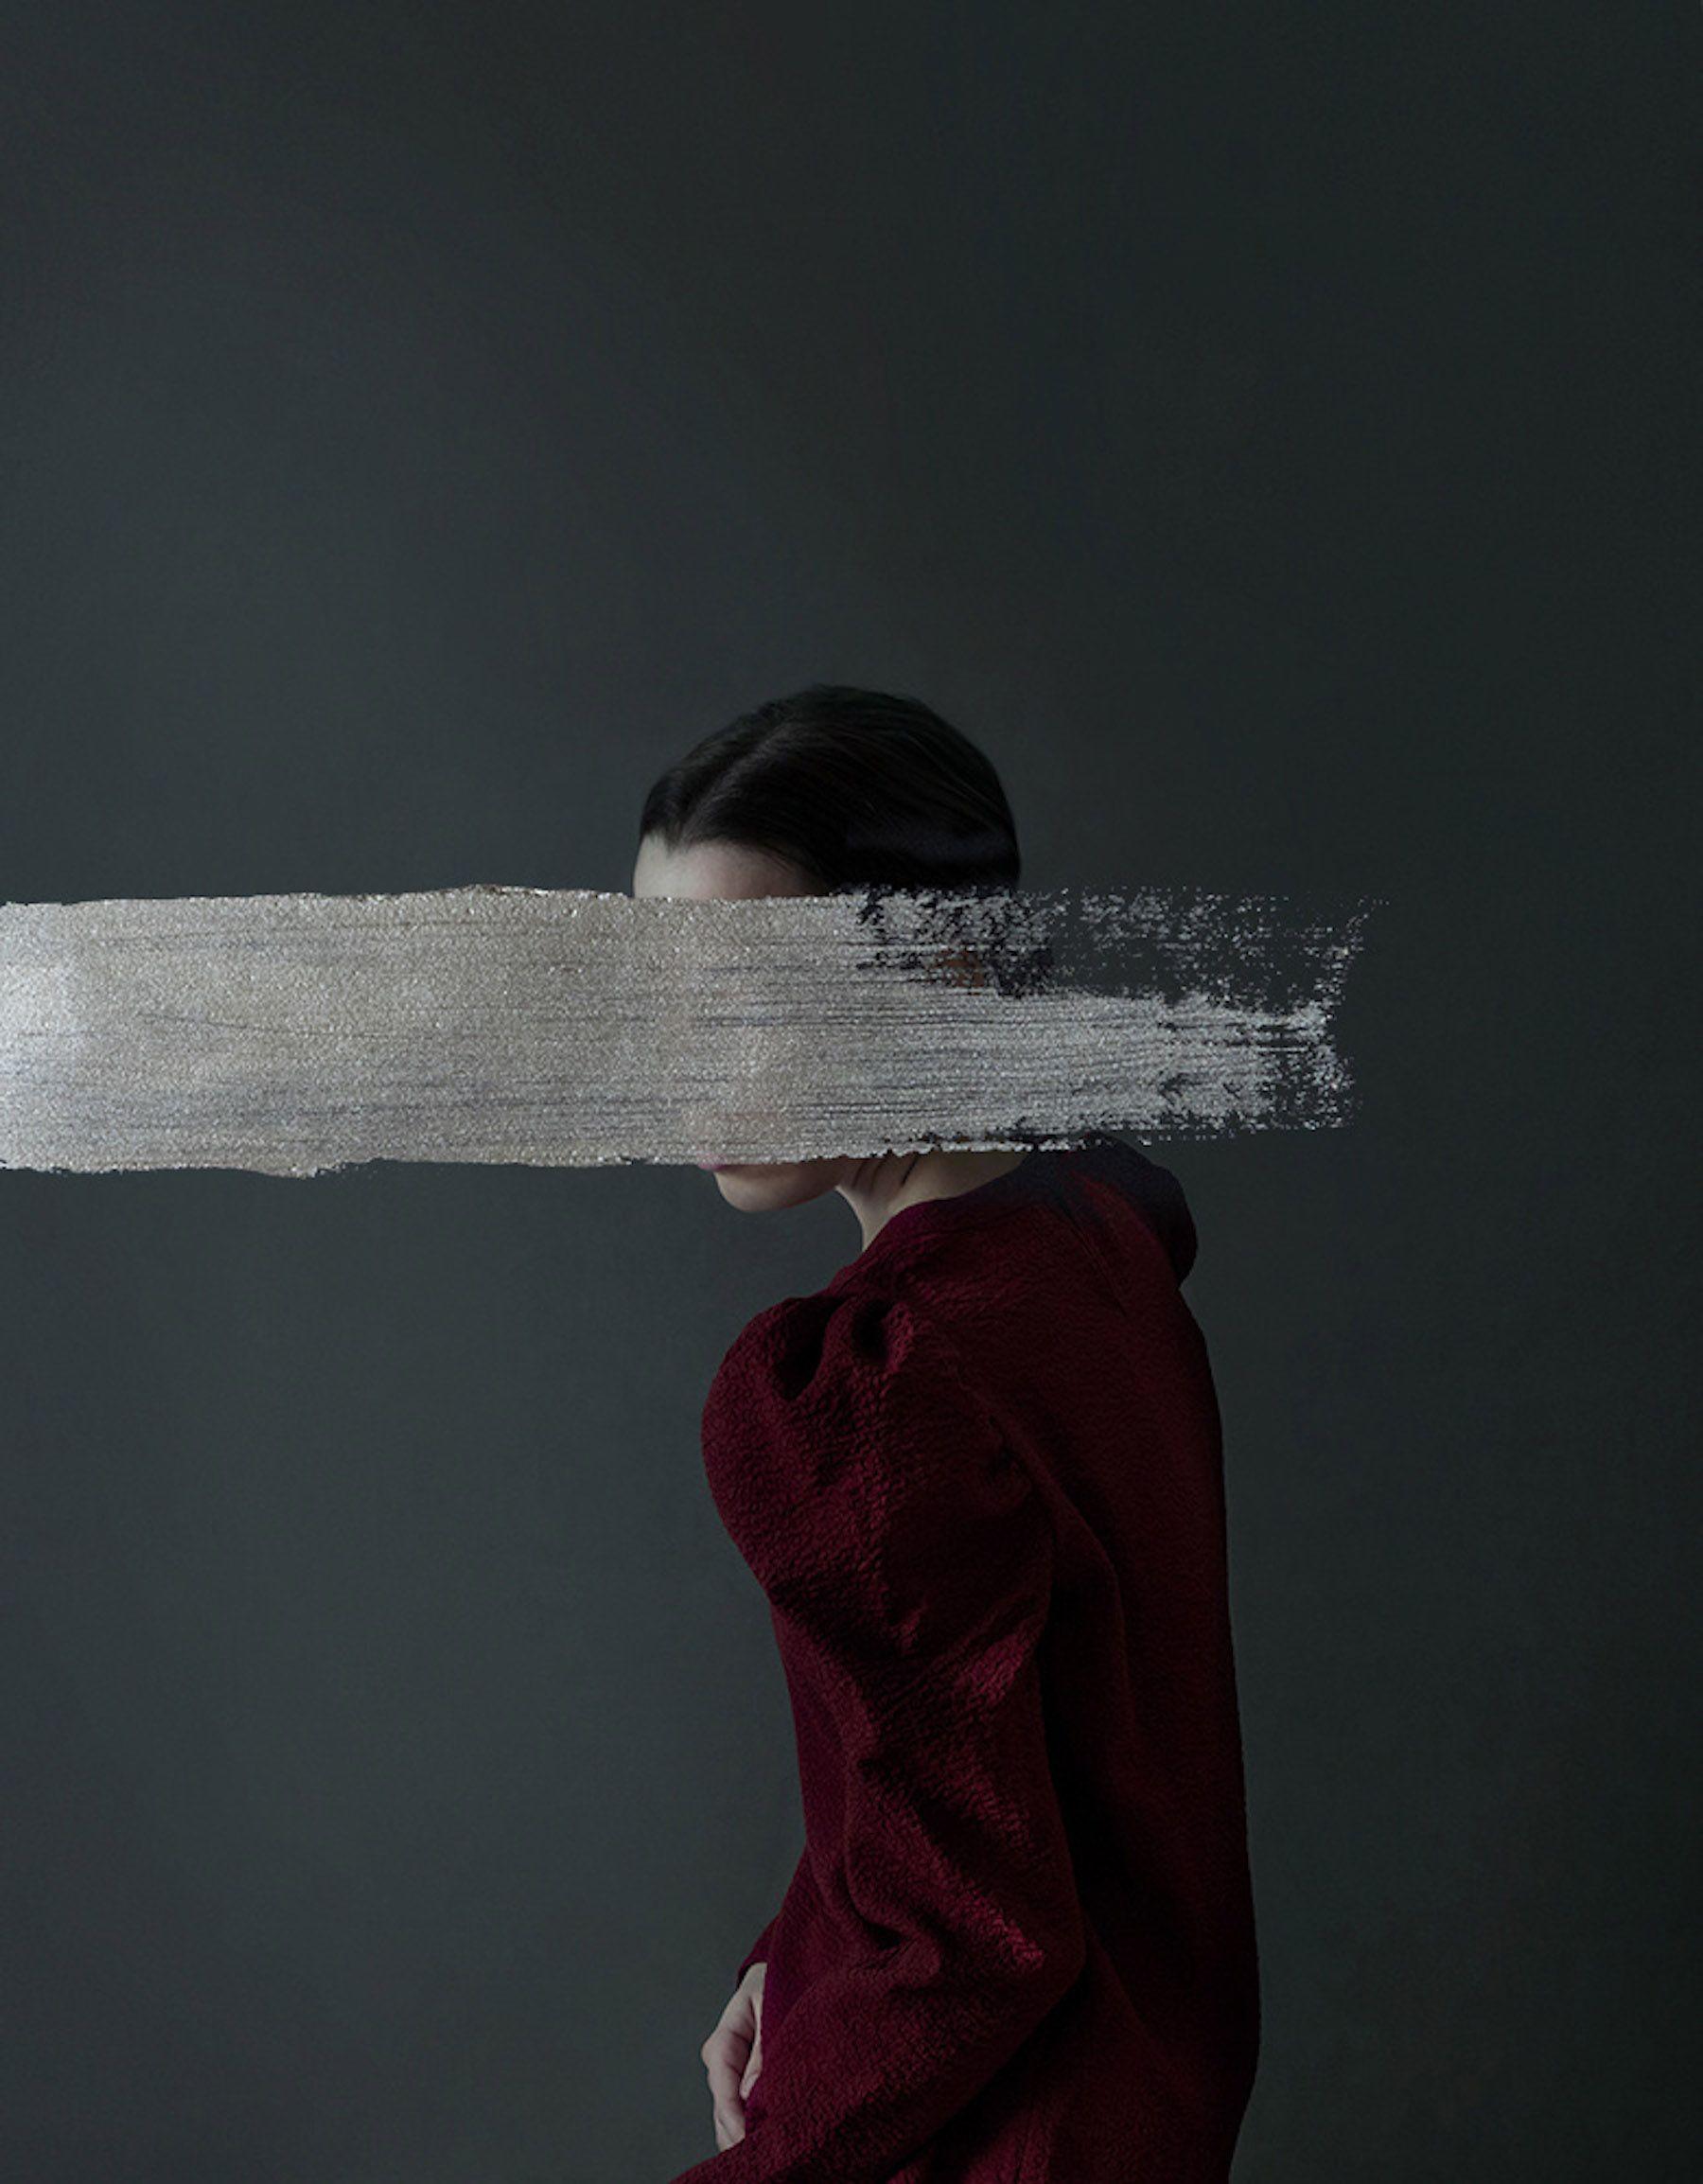 Andrea Torres Balaguer repousse les limites de la photographie de portrait – IGNANT   – Arteris amarelou